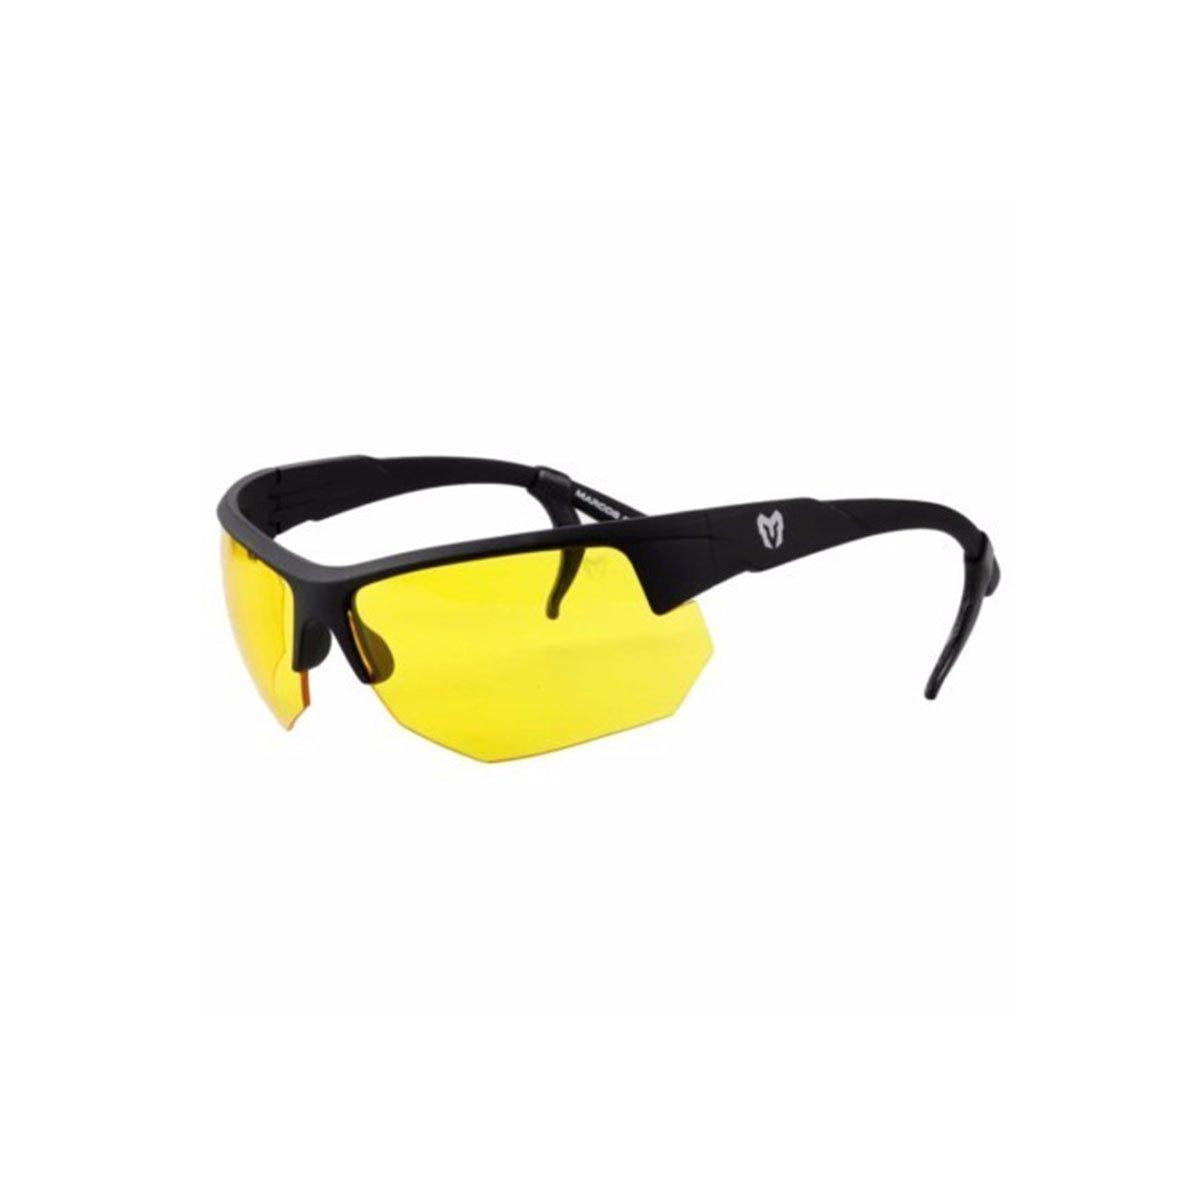 Óculos Marcos do Val Spartan Lente Amarela